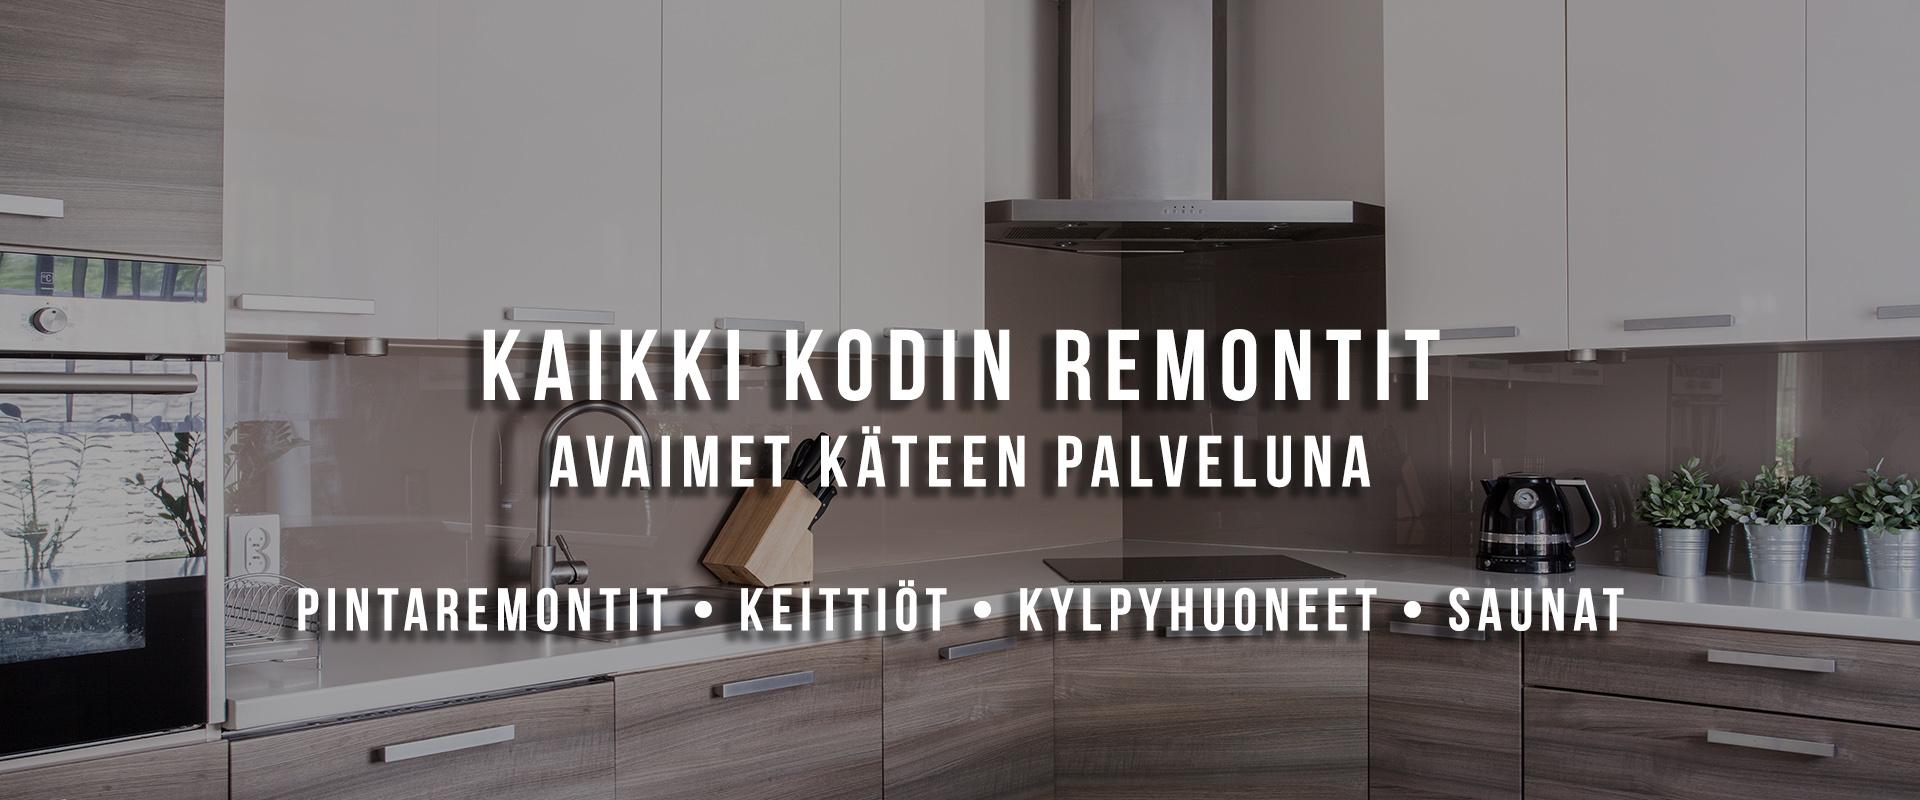 Huoneistoremontit Tampereen seudulla - Finnish Merle Oy